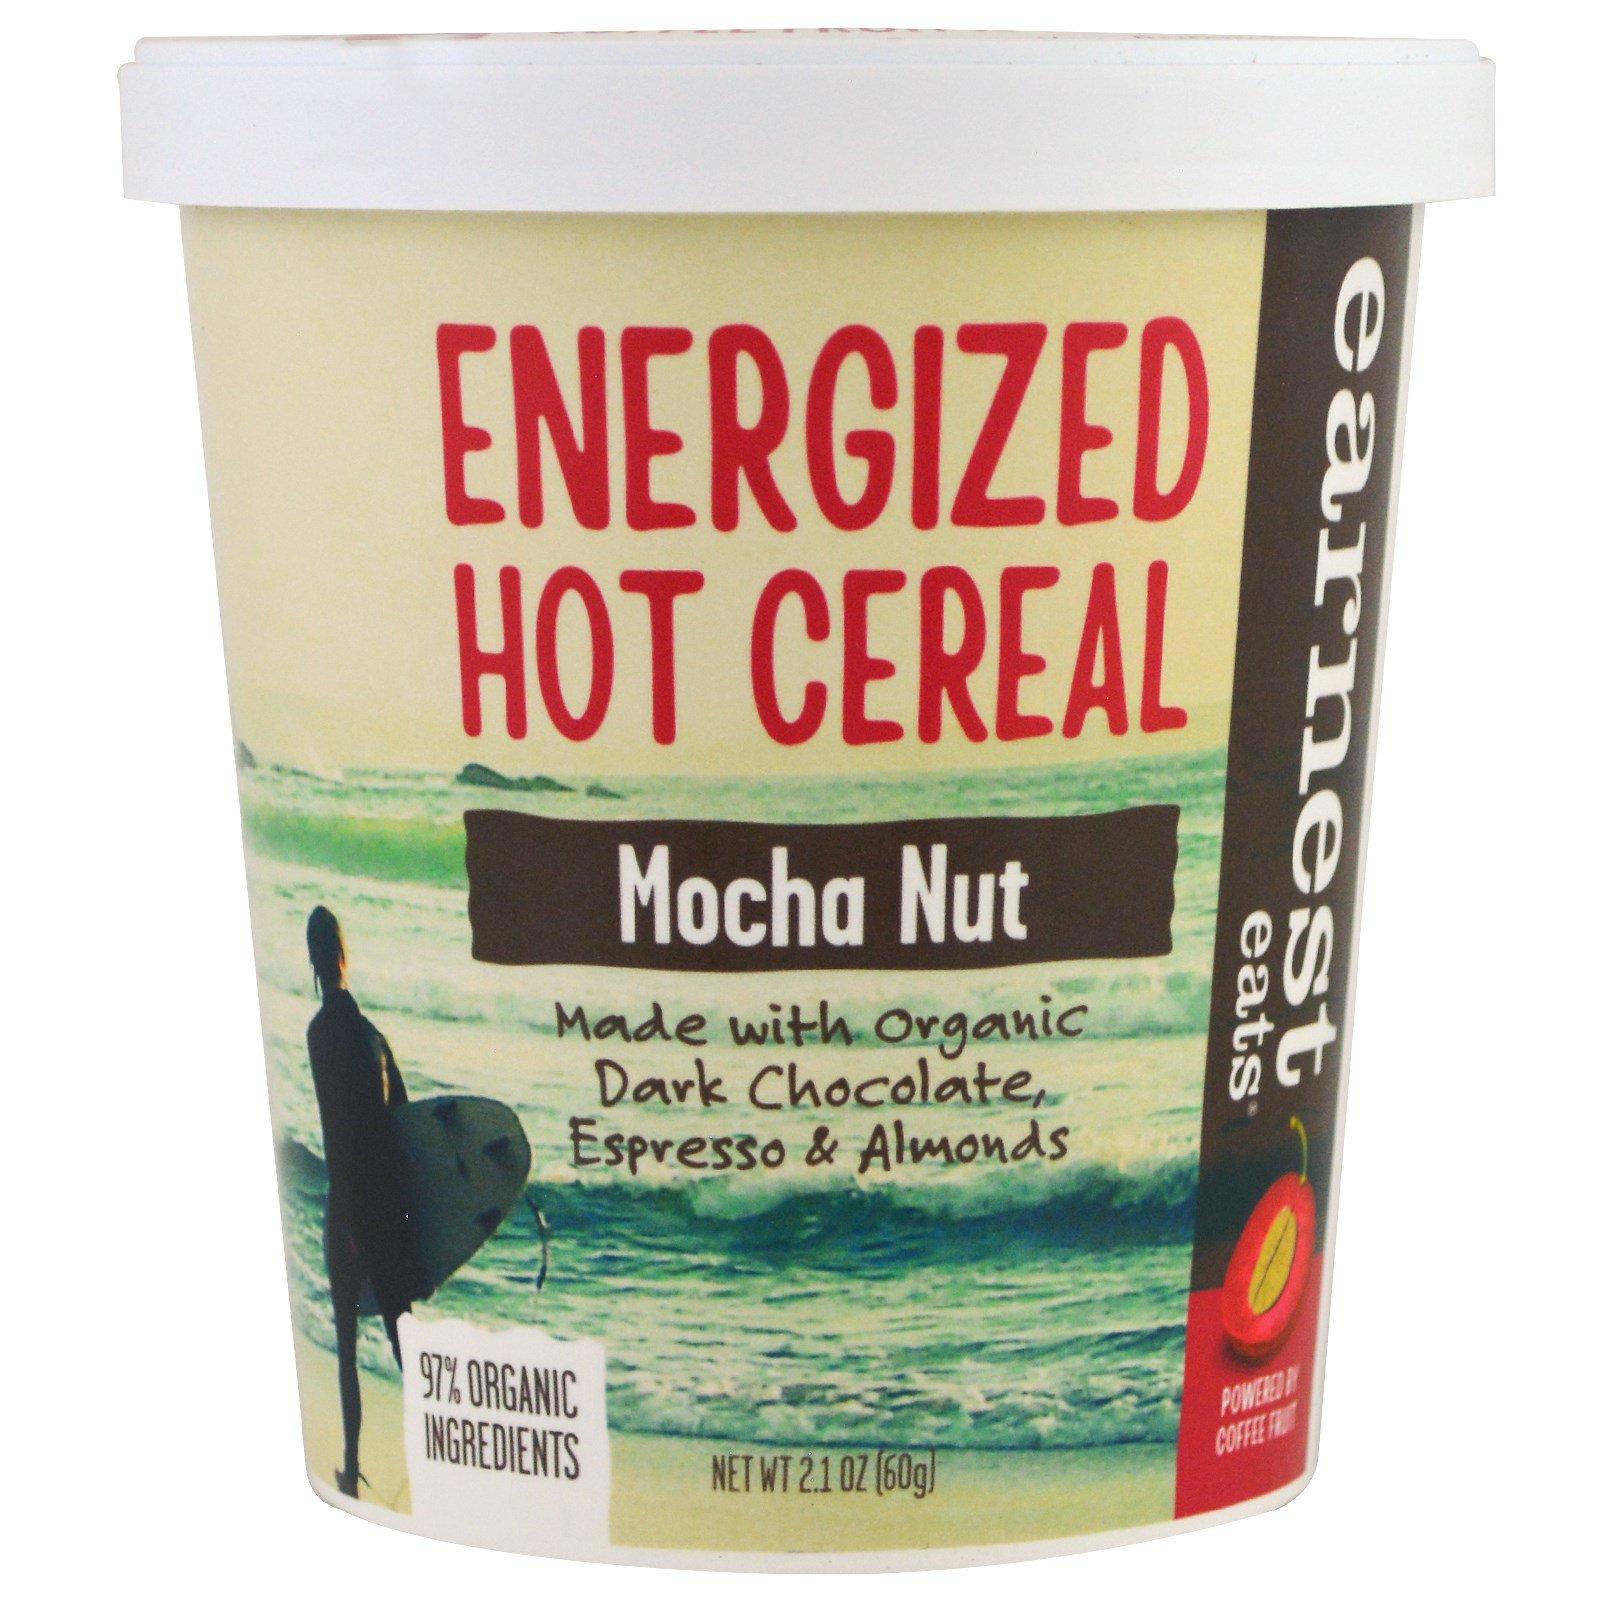 Earnest Eats, Заряженные энергией горячие хлопья, мокка и орехи, 2,1 унц. (60 г)